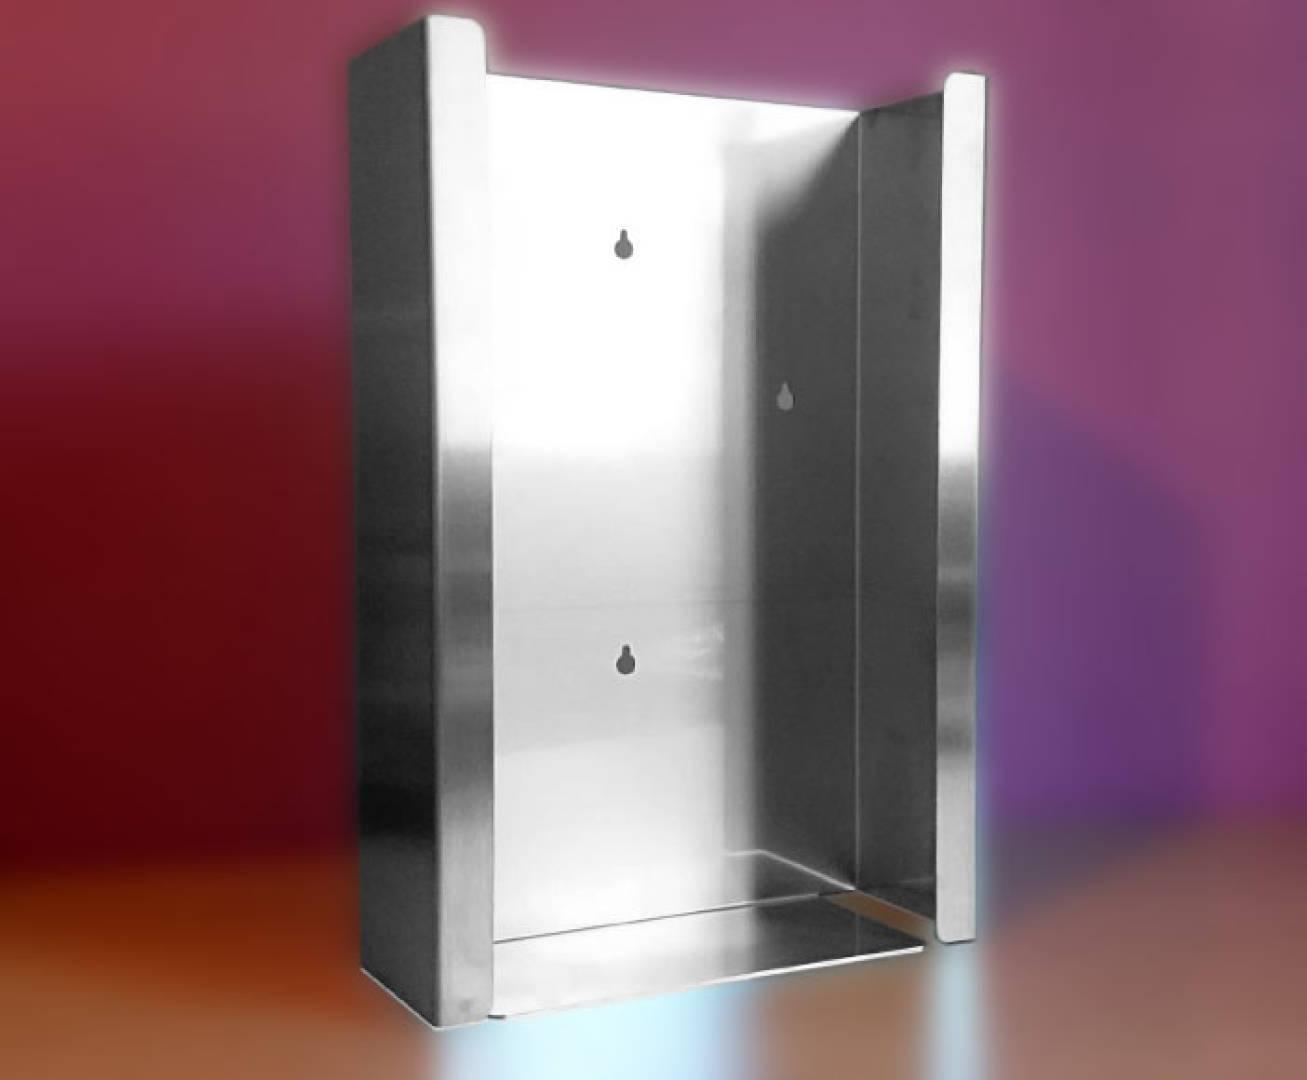 Podajnik (dozownik) na rękawice – potrójny INOX, gł. 10 cm, zag. 4 cm